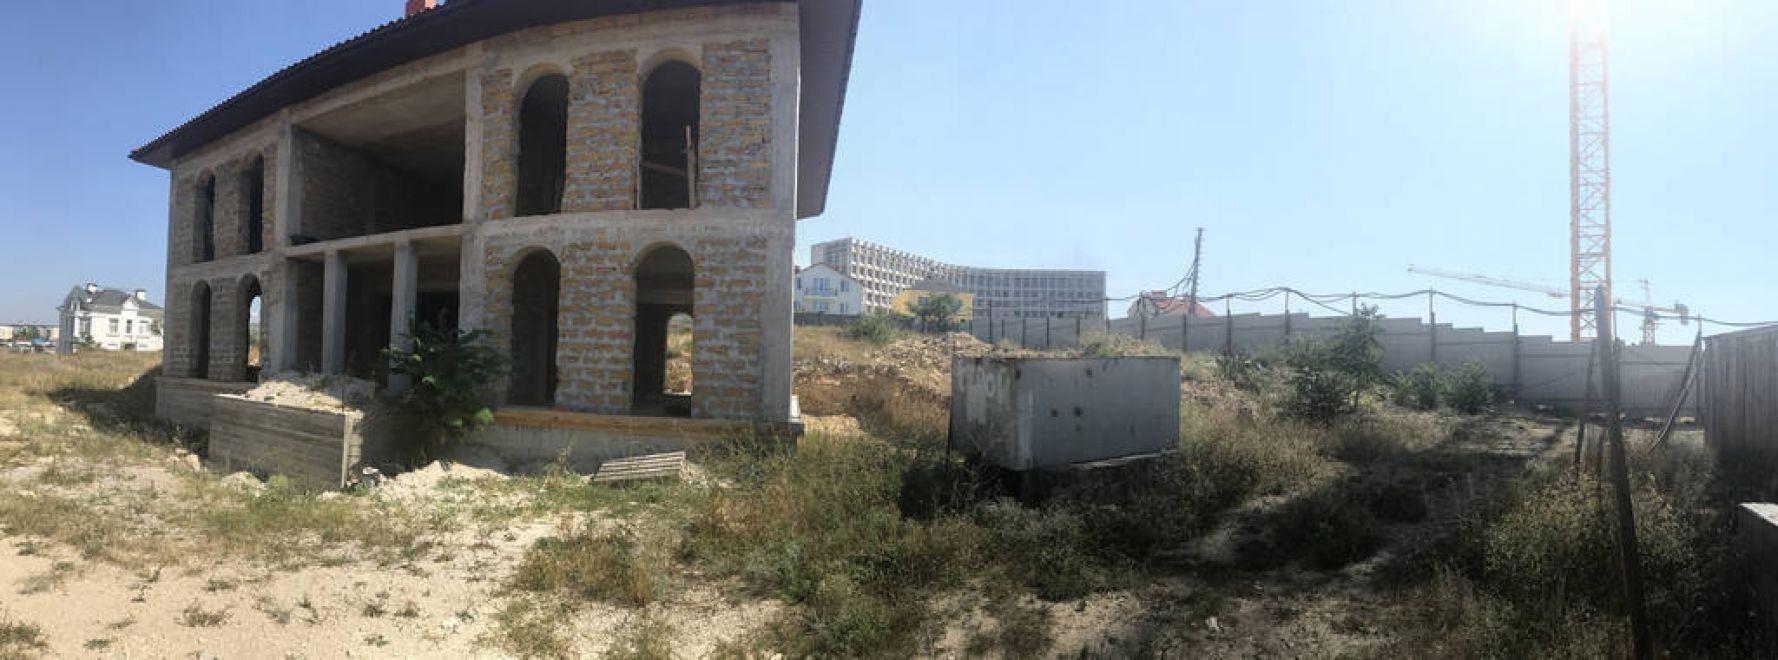 Продается дом недострой у моря в Севастополе, 350 кв. м, 8 соток